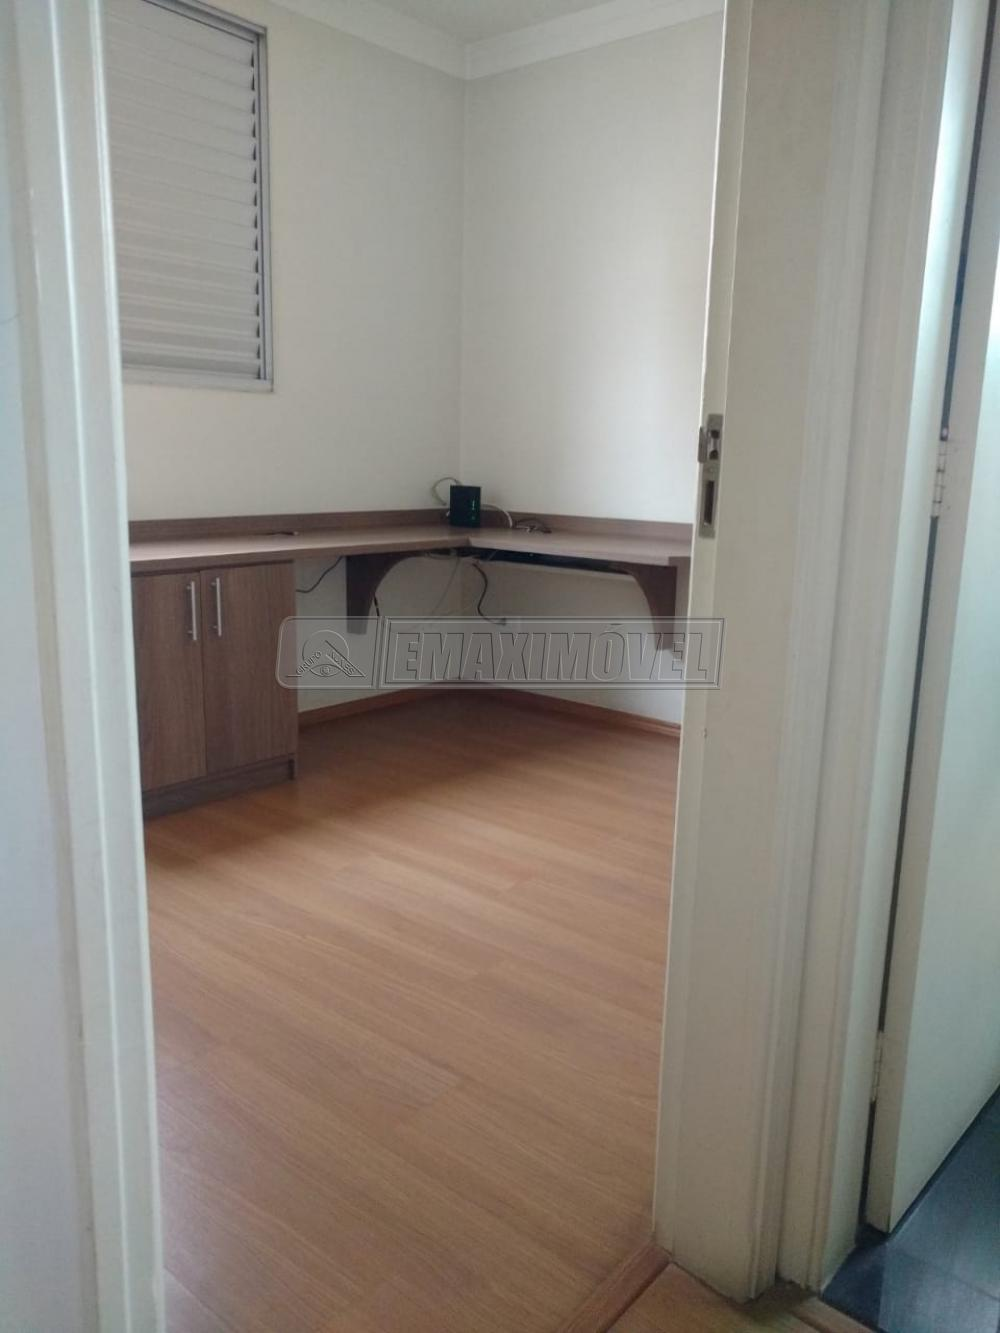 Comprar Apartamentos / Apto Padrão em Sorocaba apenas R$ 260.000,00 - Foto 16